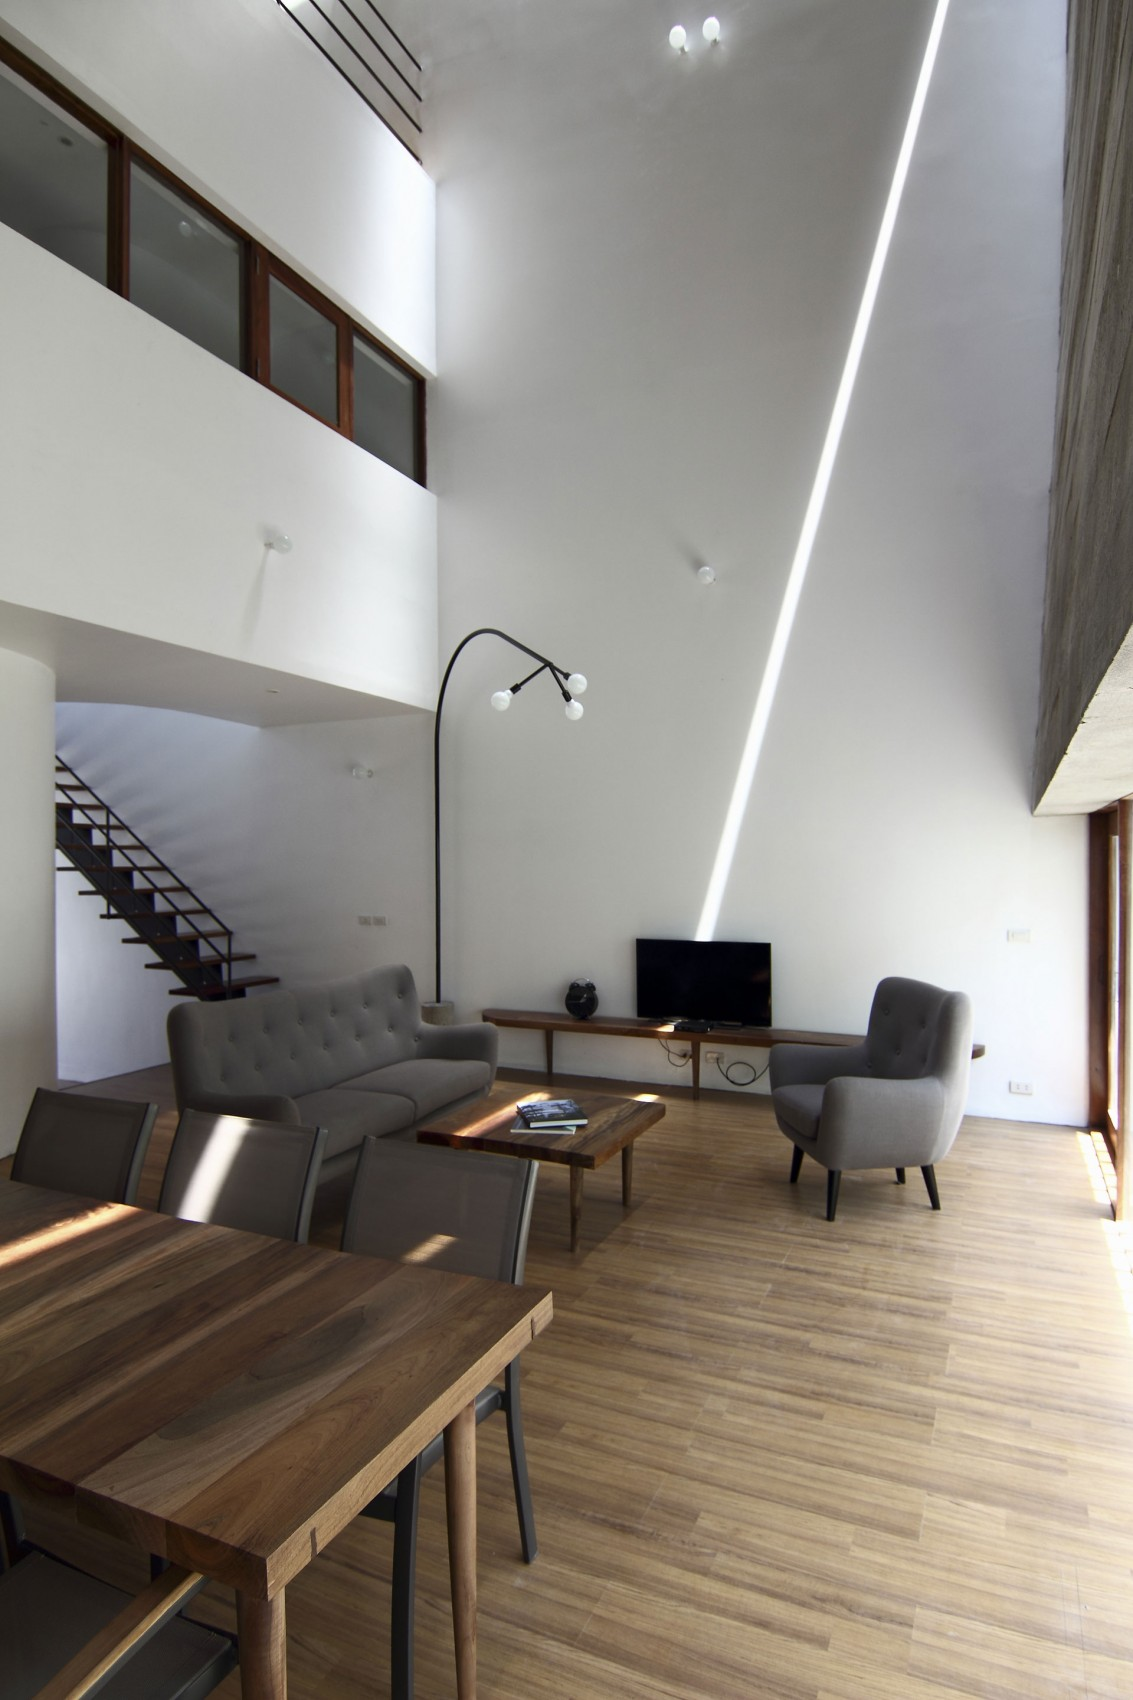 Planos de casa de tres pisos en terreno pequeño, incluye una fachada moderna y diseño de interior 6